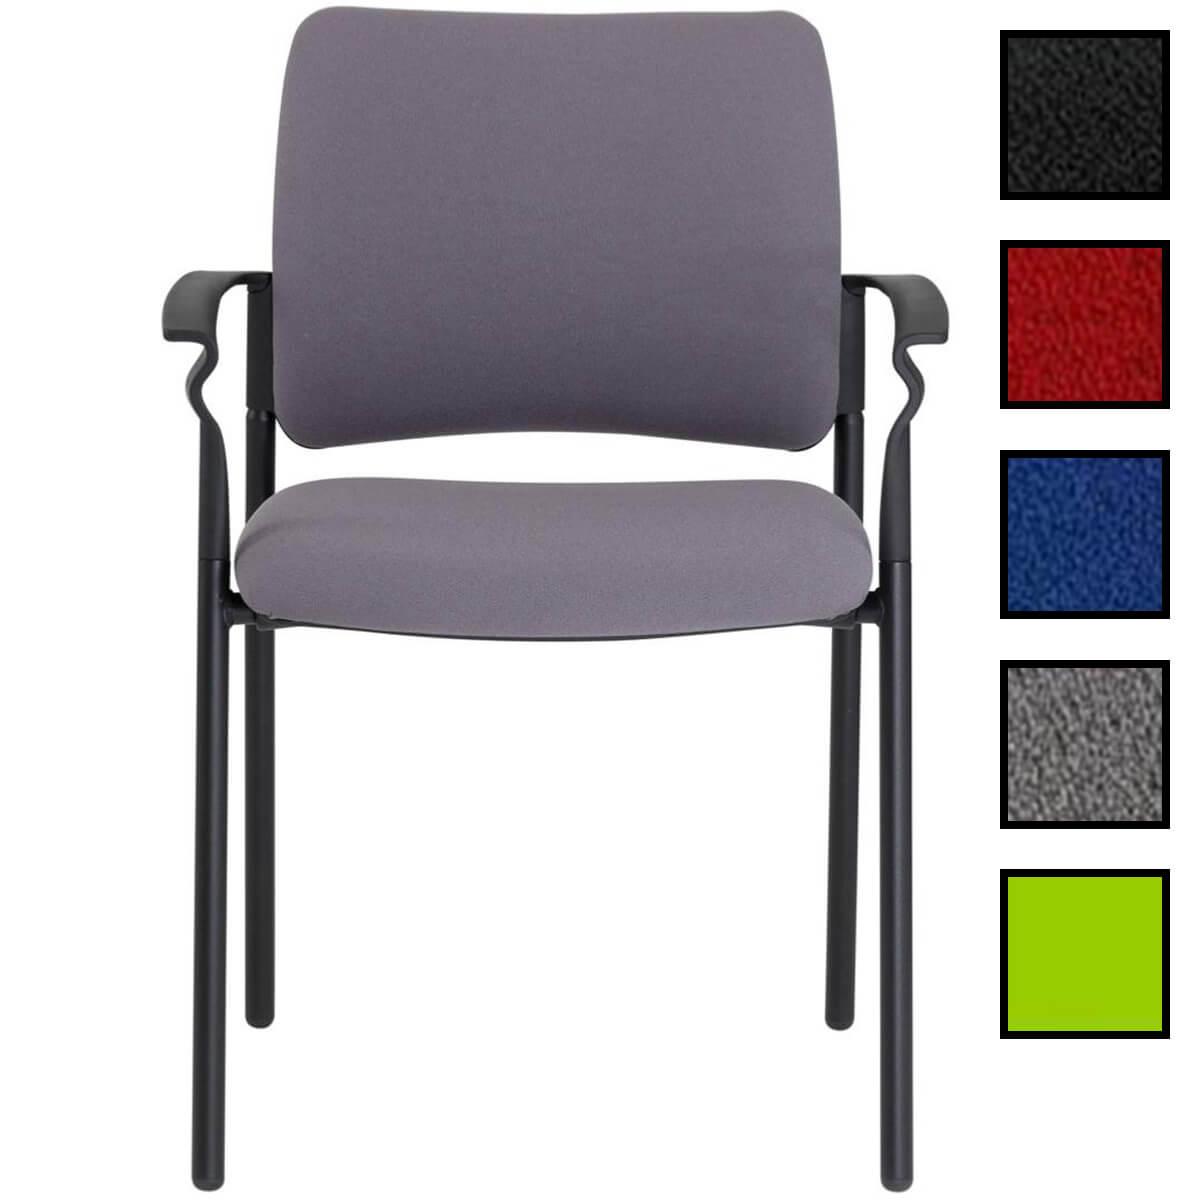 cenon chaise empilable en tissu avec accoudoirs noire